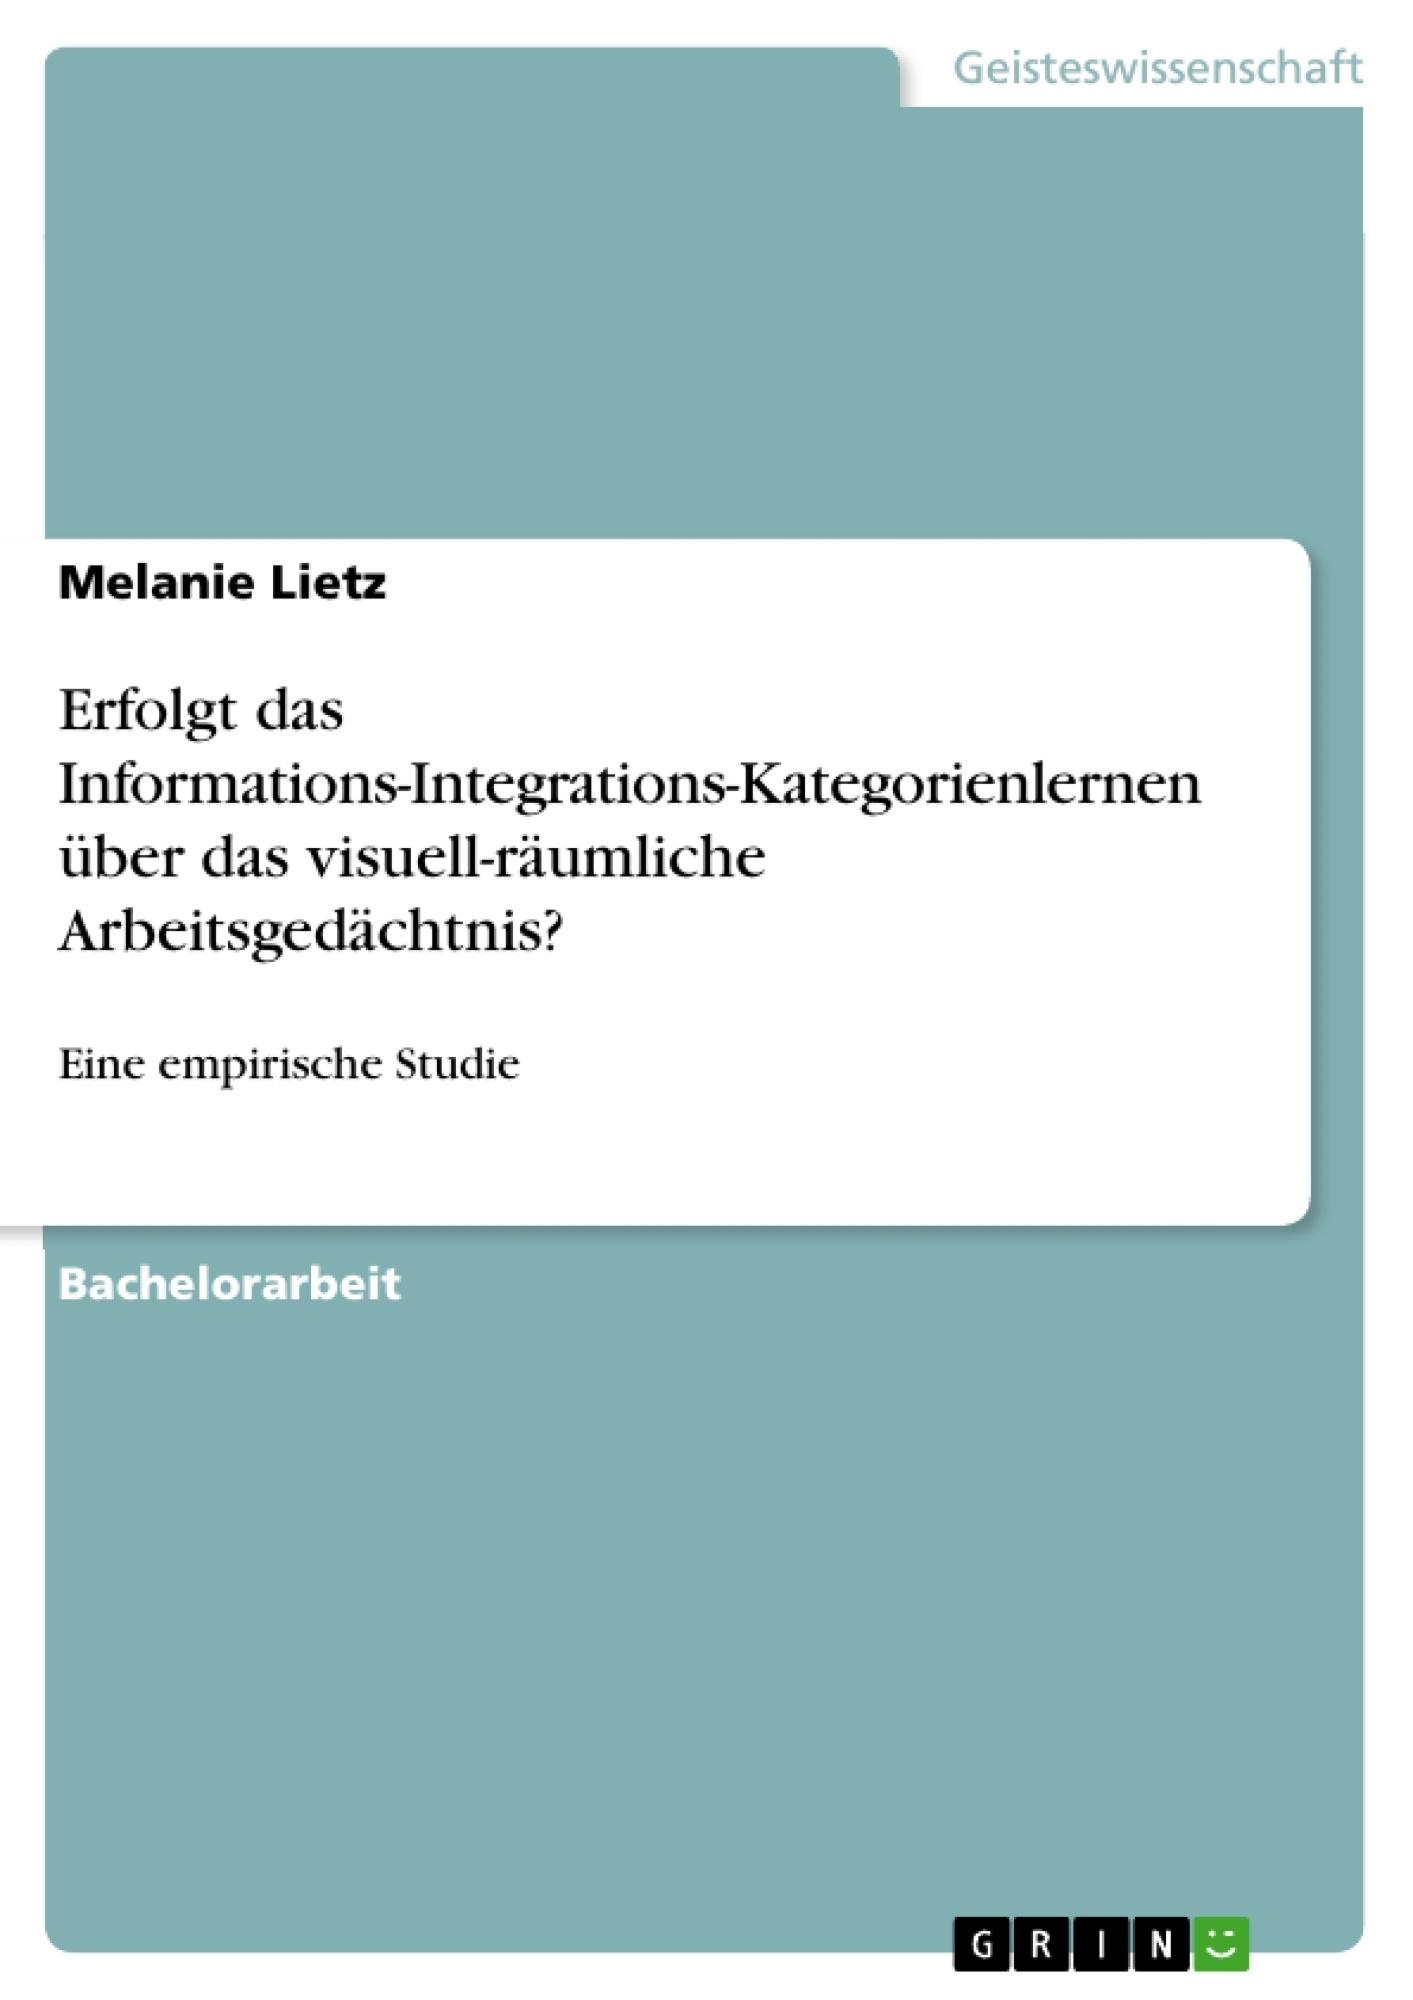 Titel: Erfolgt das Informations-Integrations-Kategorienlernen über das visuell-räumliche Arbeitsgedächtnis?